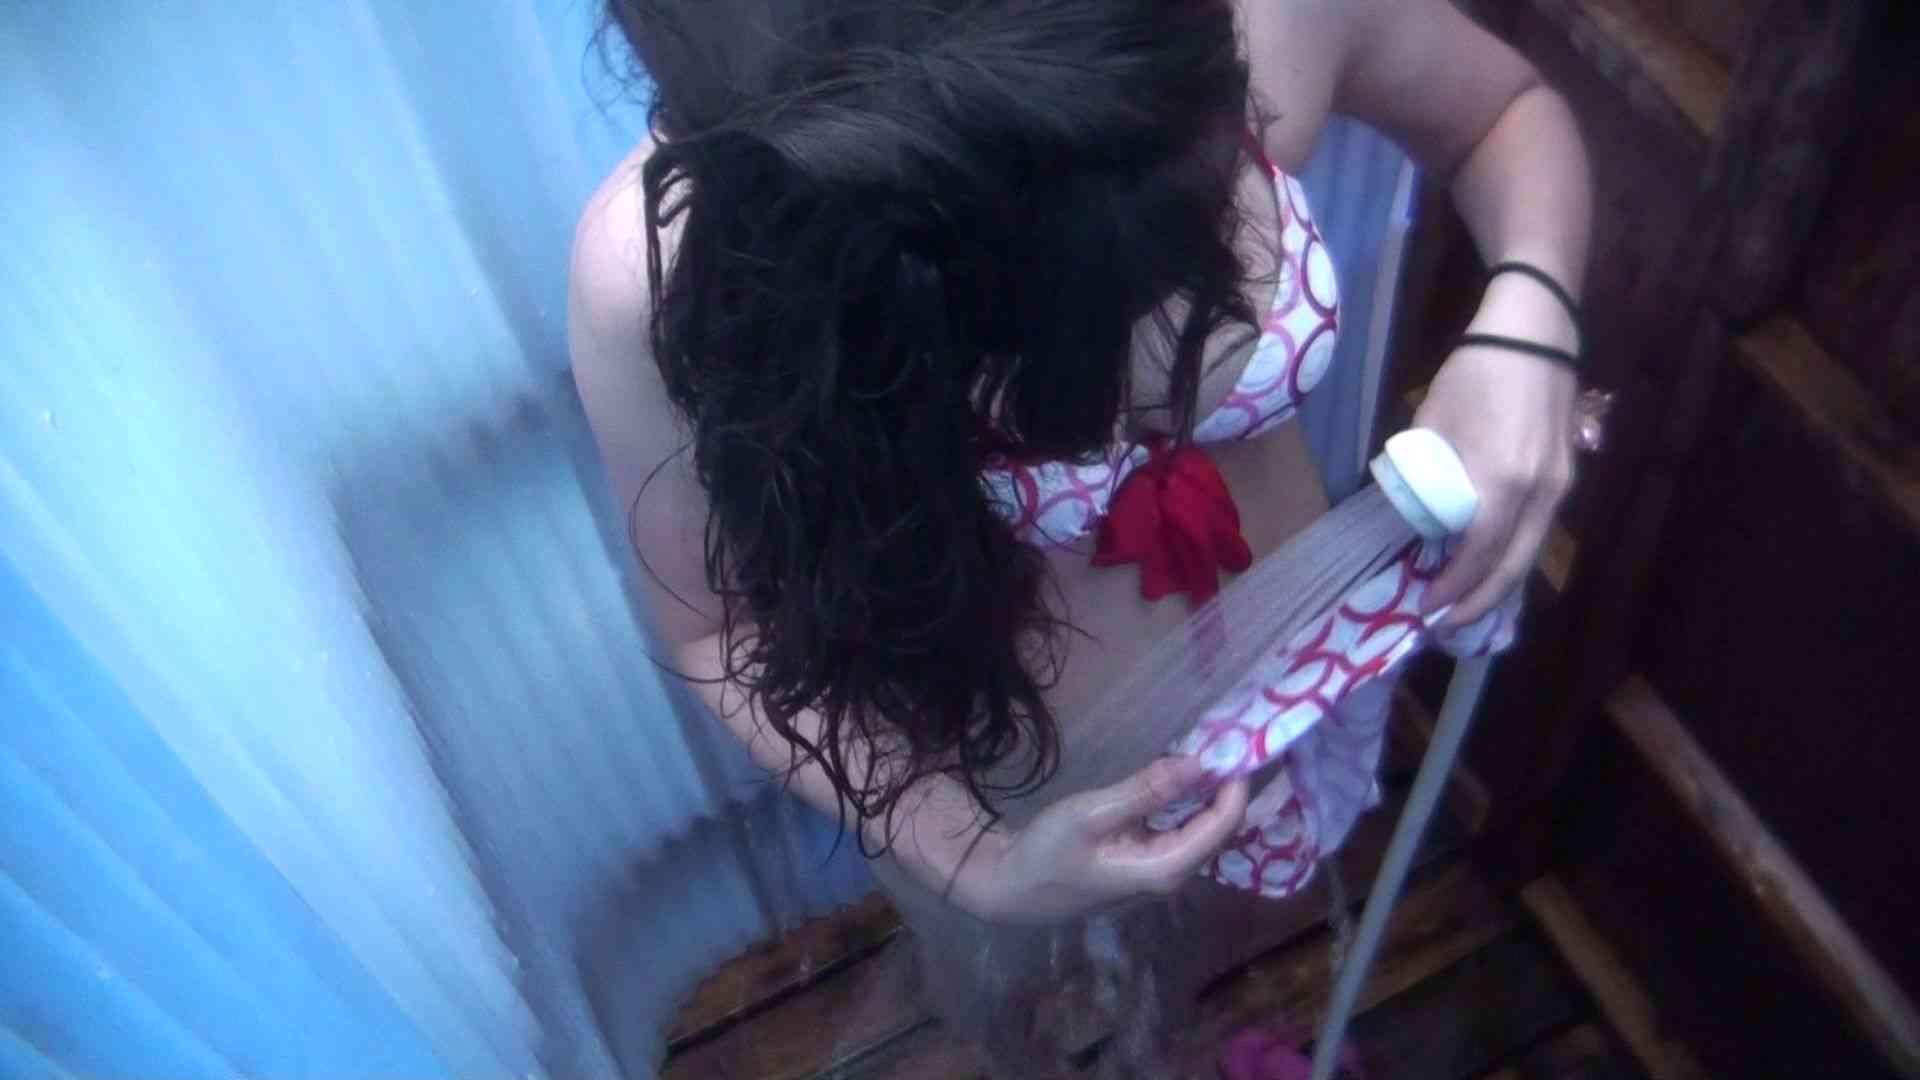 ハイビジョンシャワールームは超!!危険な香りVol.32 オッパイ隠して陰毛隠さず チラ見せ乳輪 シャワー  30PICs 8